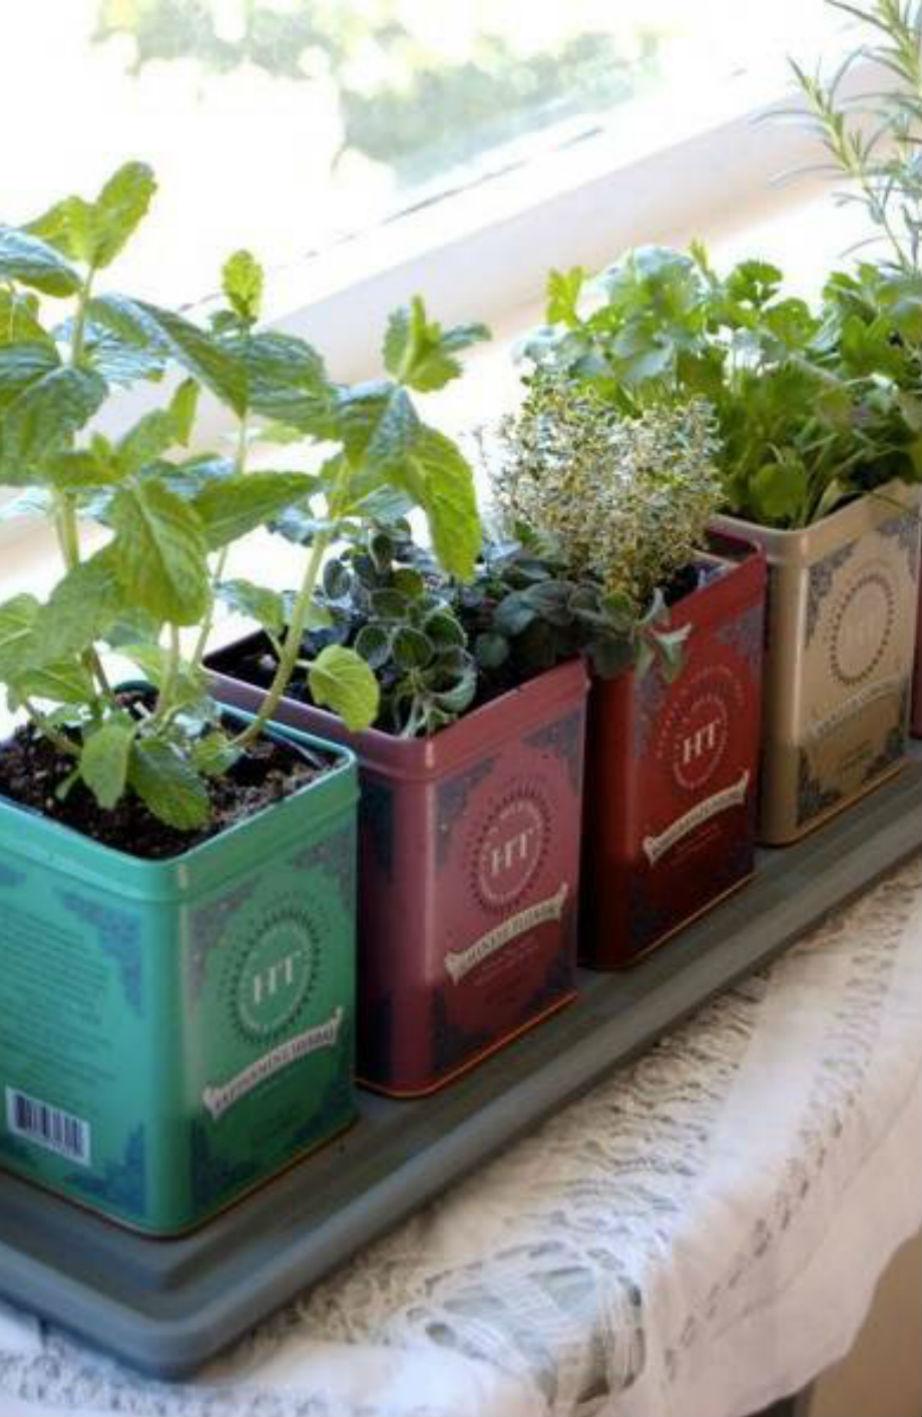 Τα βότανα θα κάνουν το χώρο σας πιο μυρωδάτο!